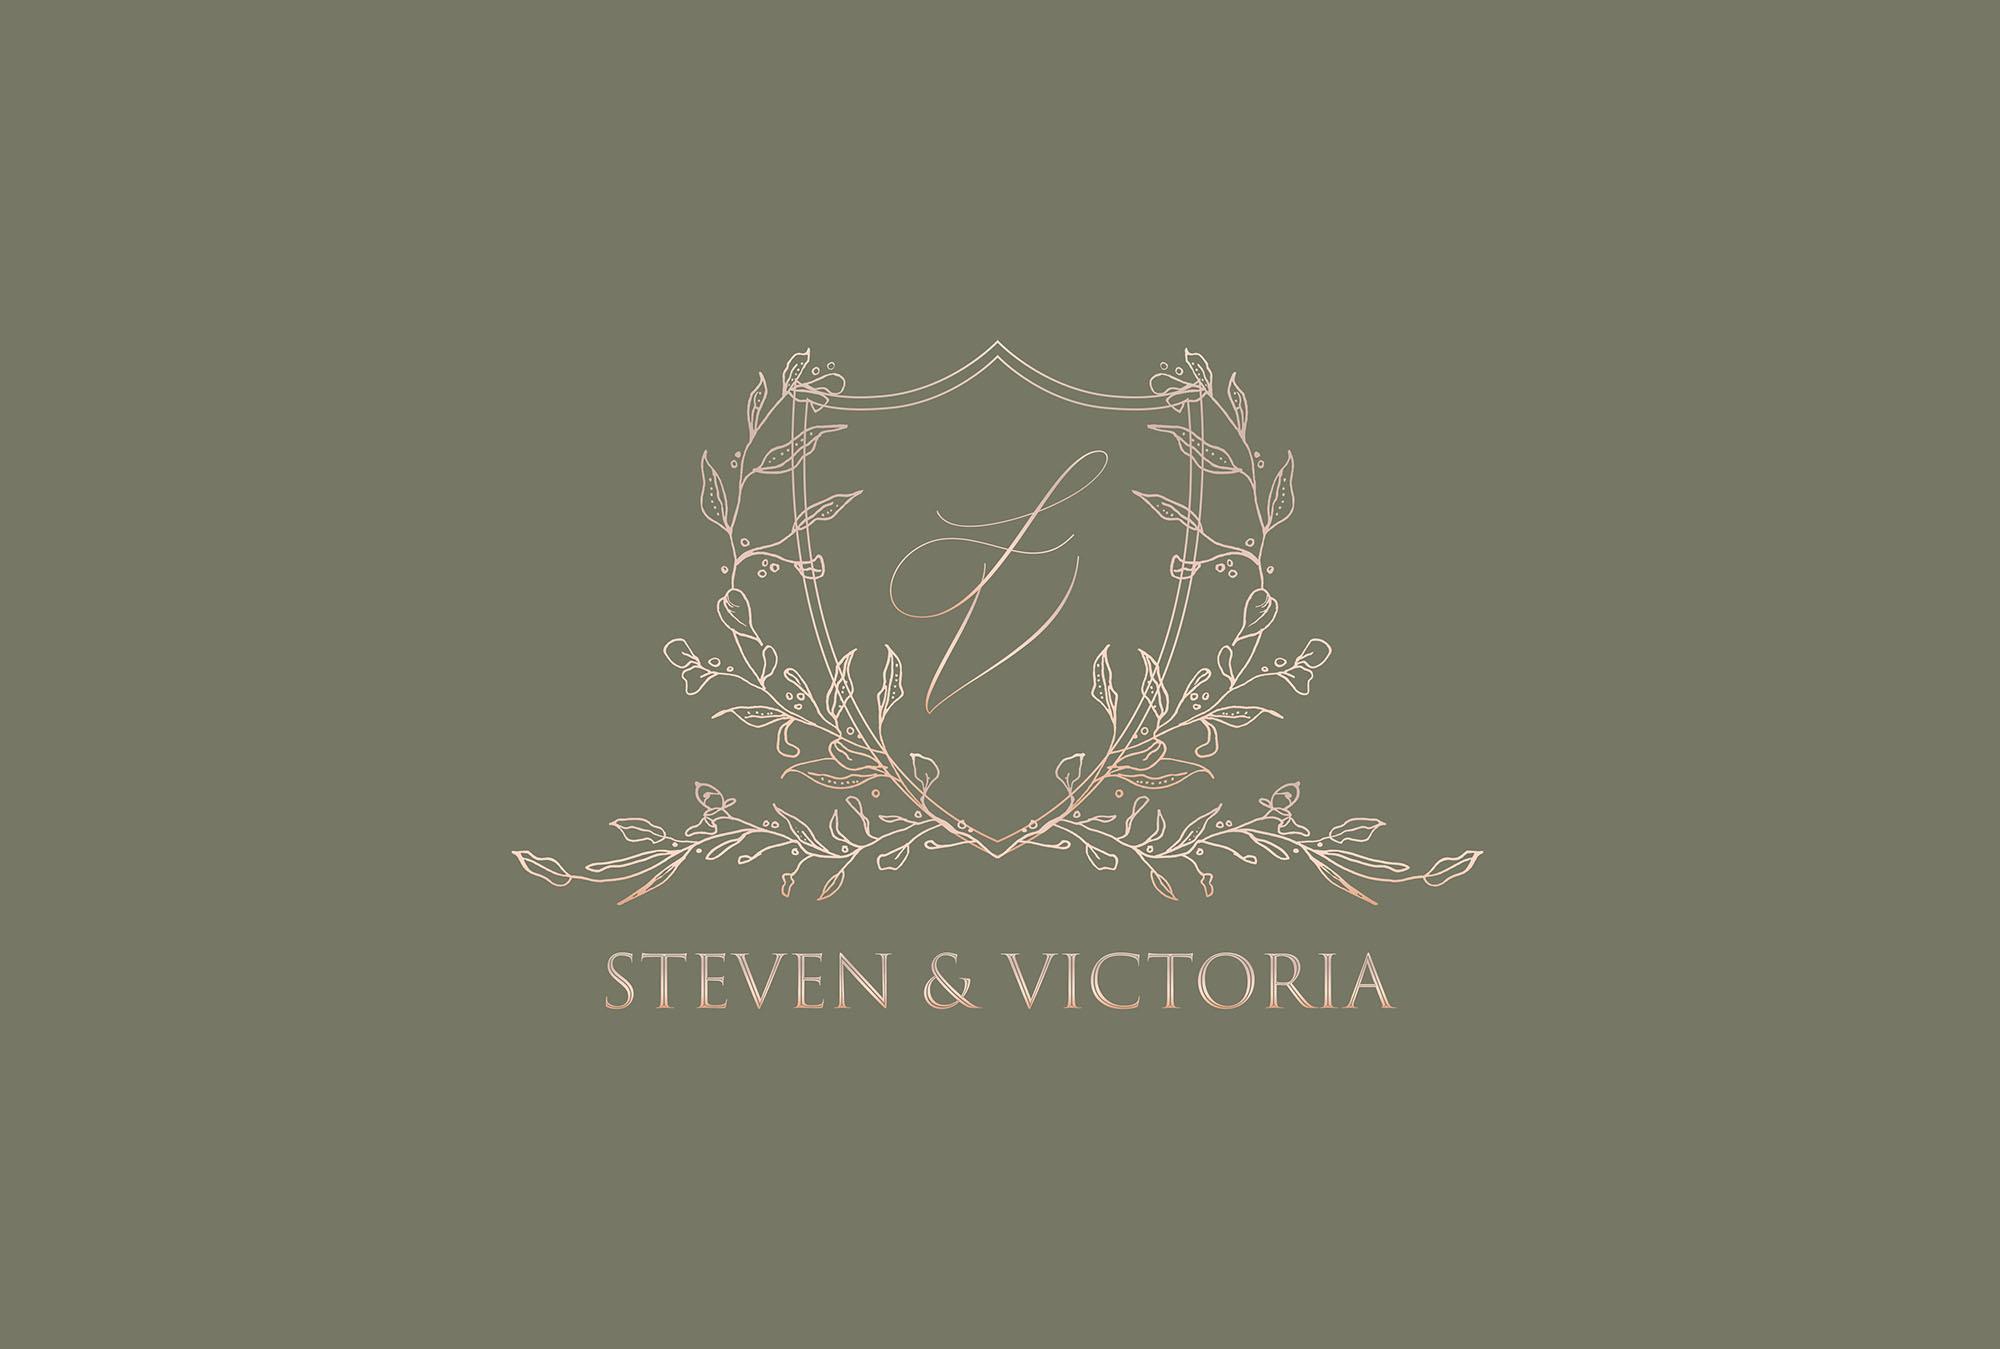 Royal Wedding Logo example image 5